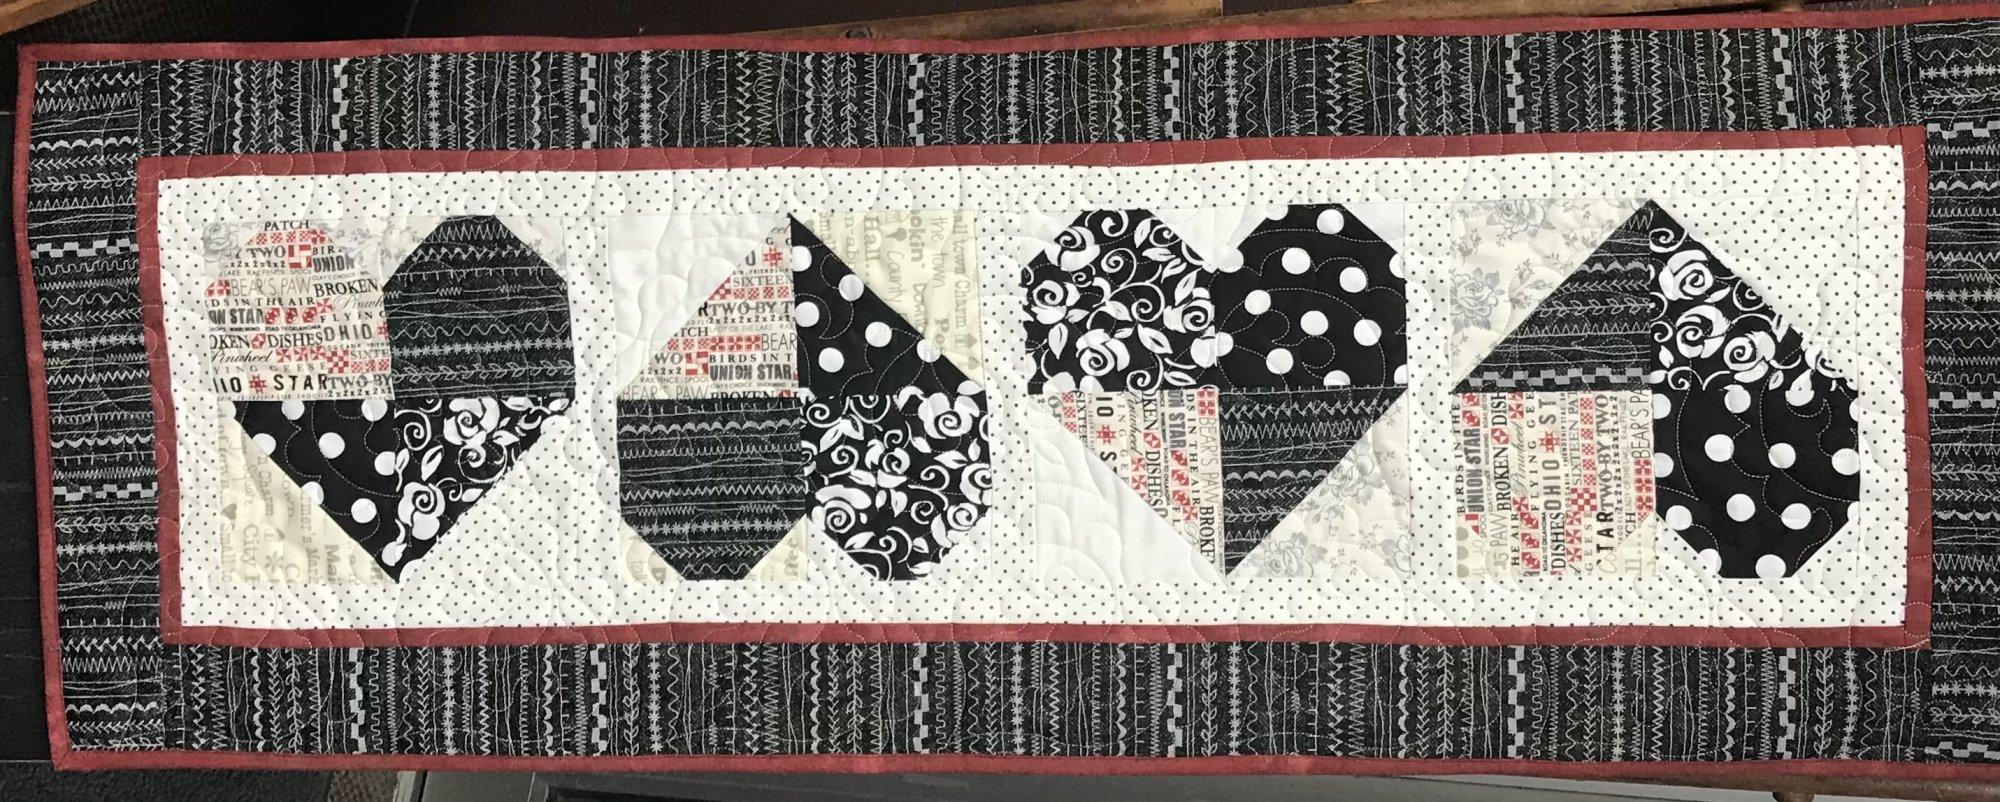 Four Heart Table Runner Black & White 16 x 43